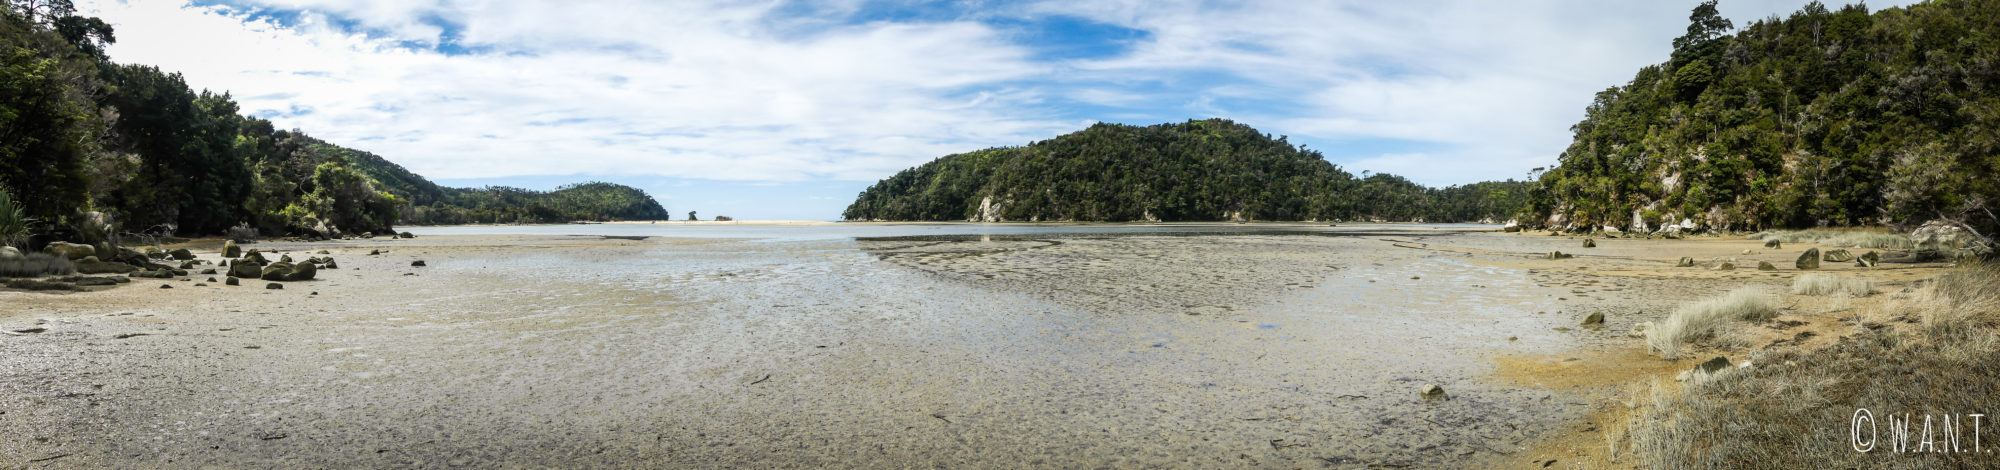 Marée basse au parc national Abel Tasman en Nouvelle-Zélande